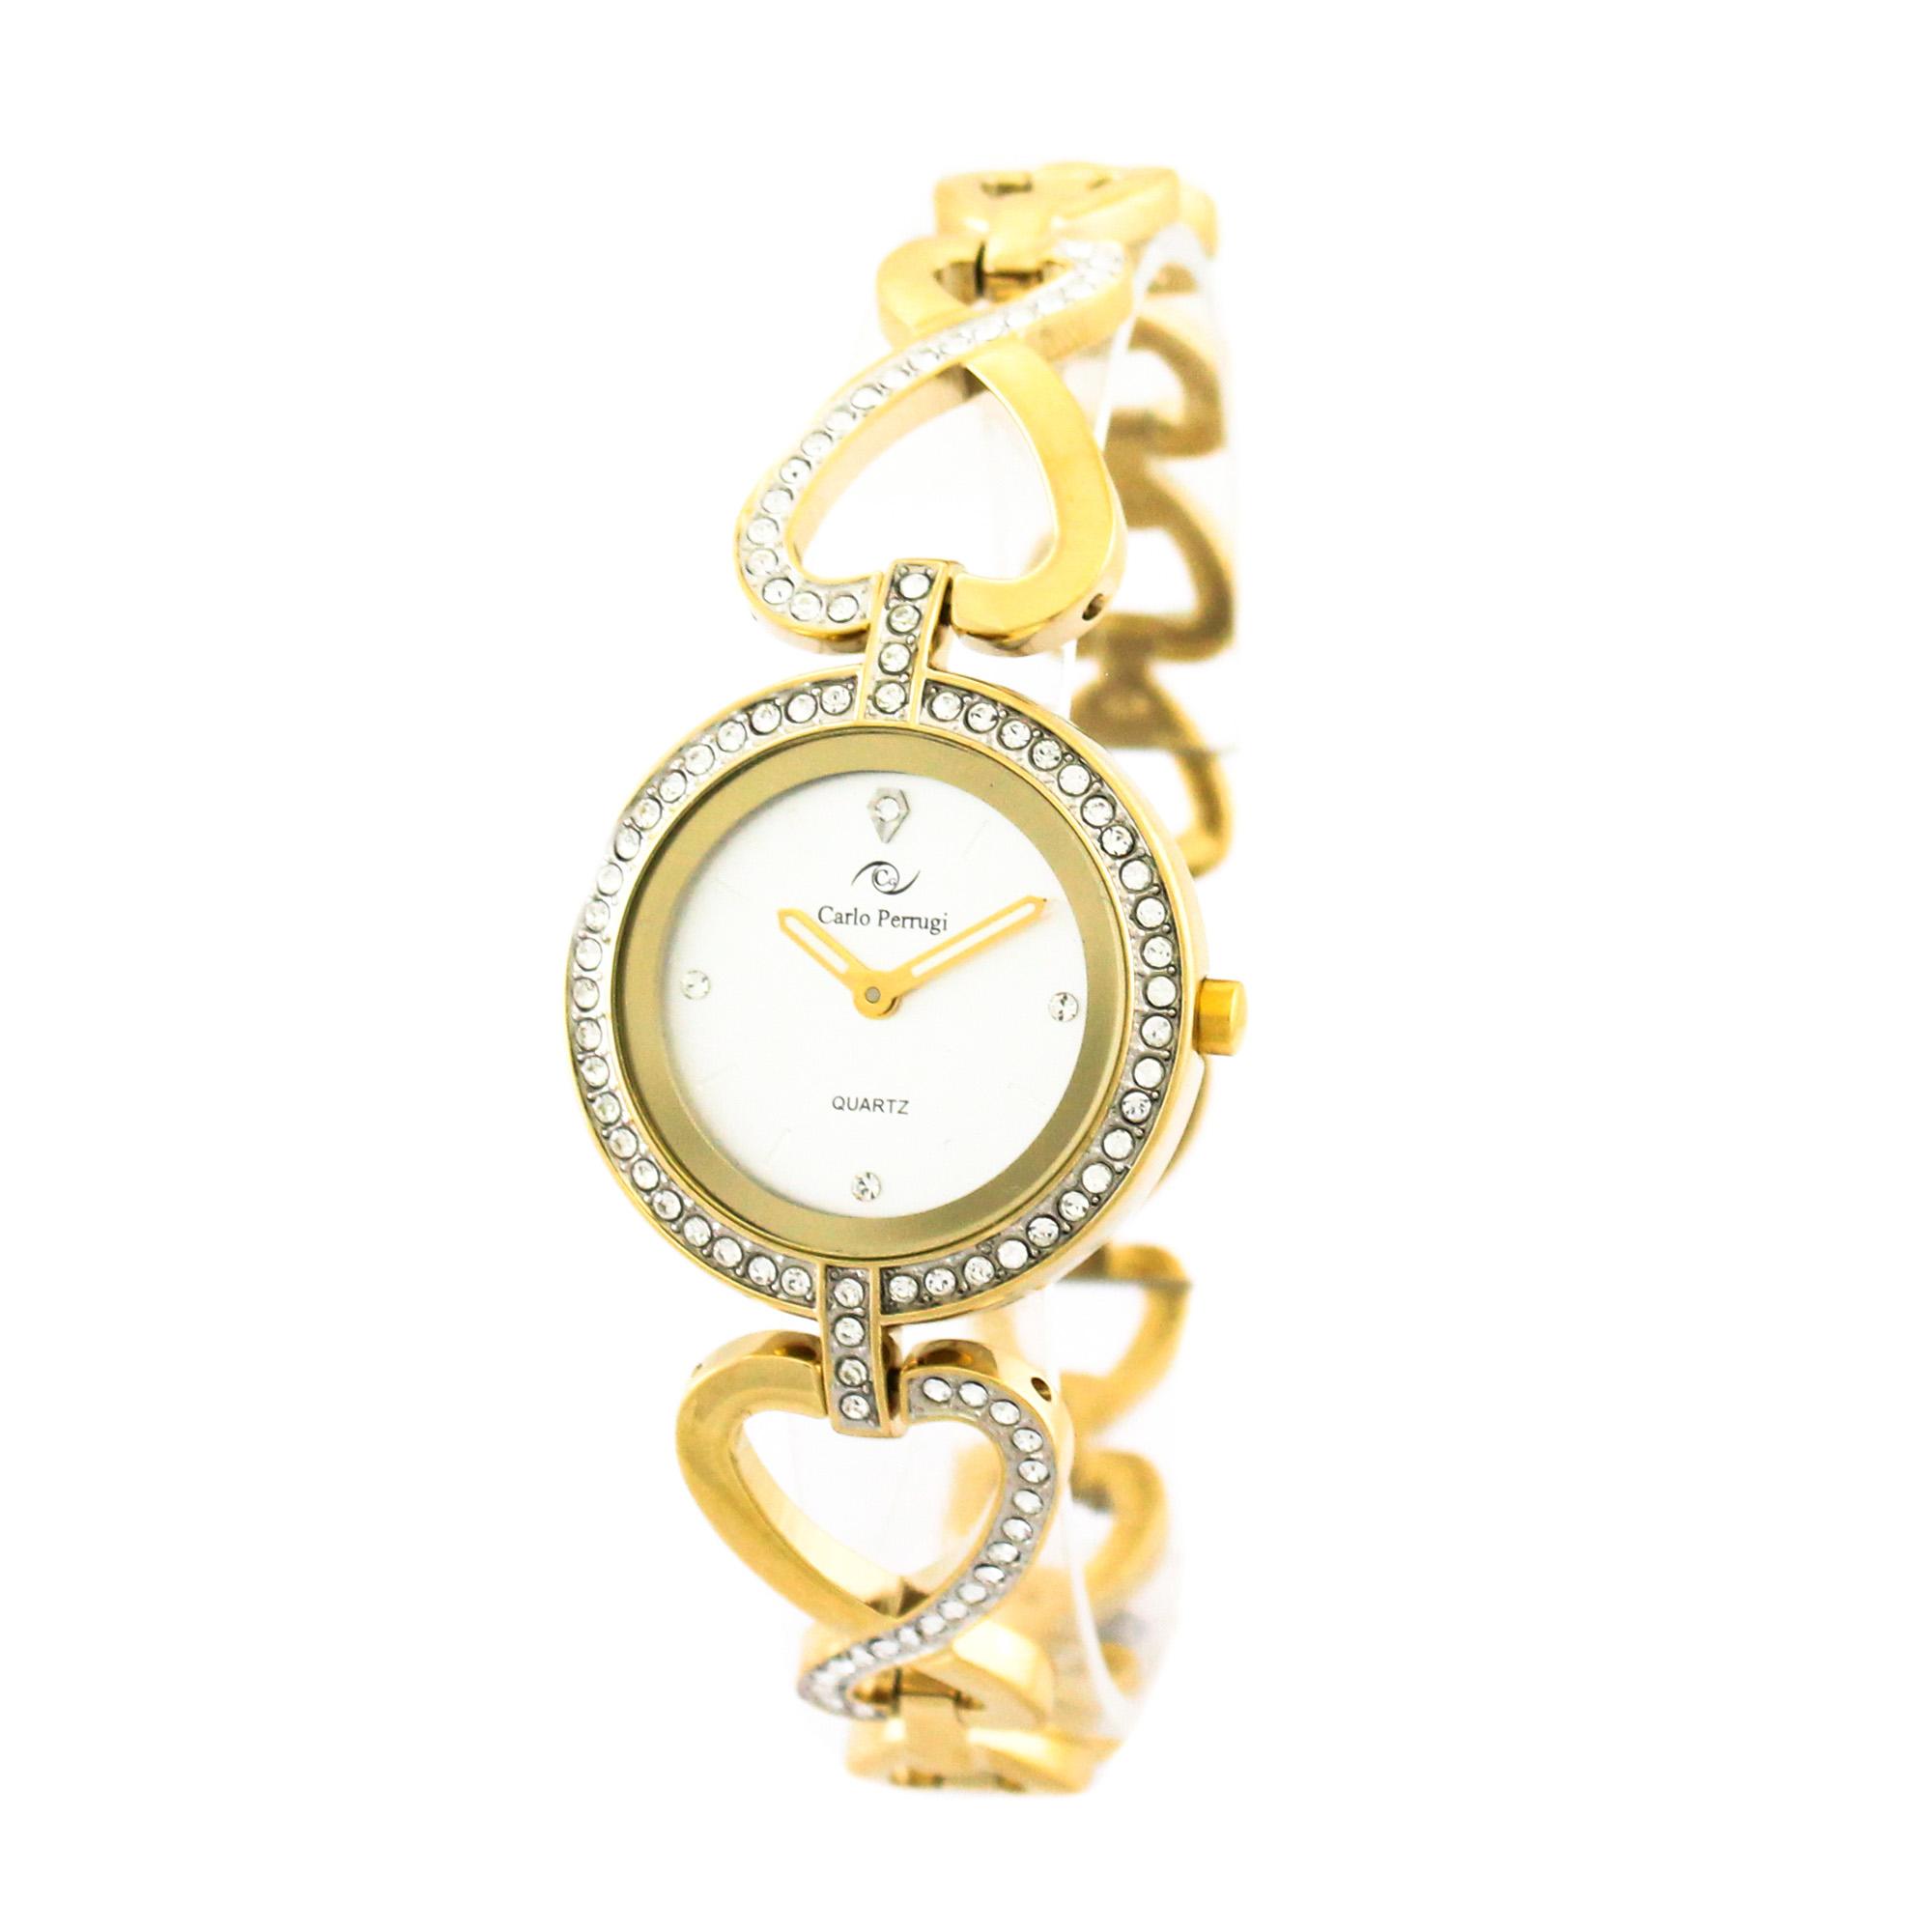 ساعت مچی عقربه ای زنانه کارلو پروجی مدل SL002000-1